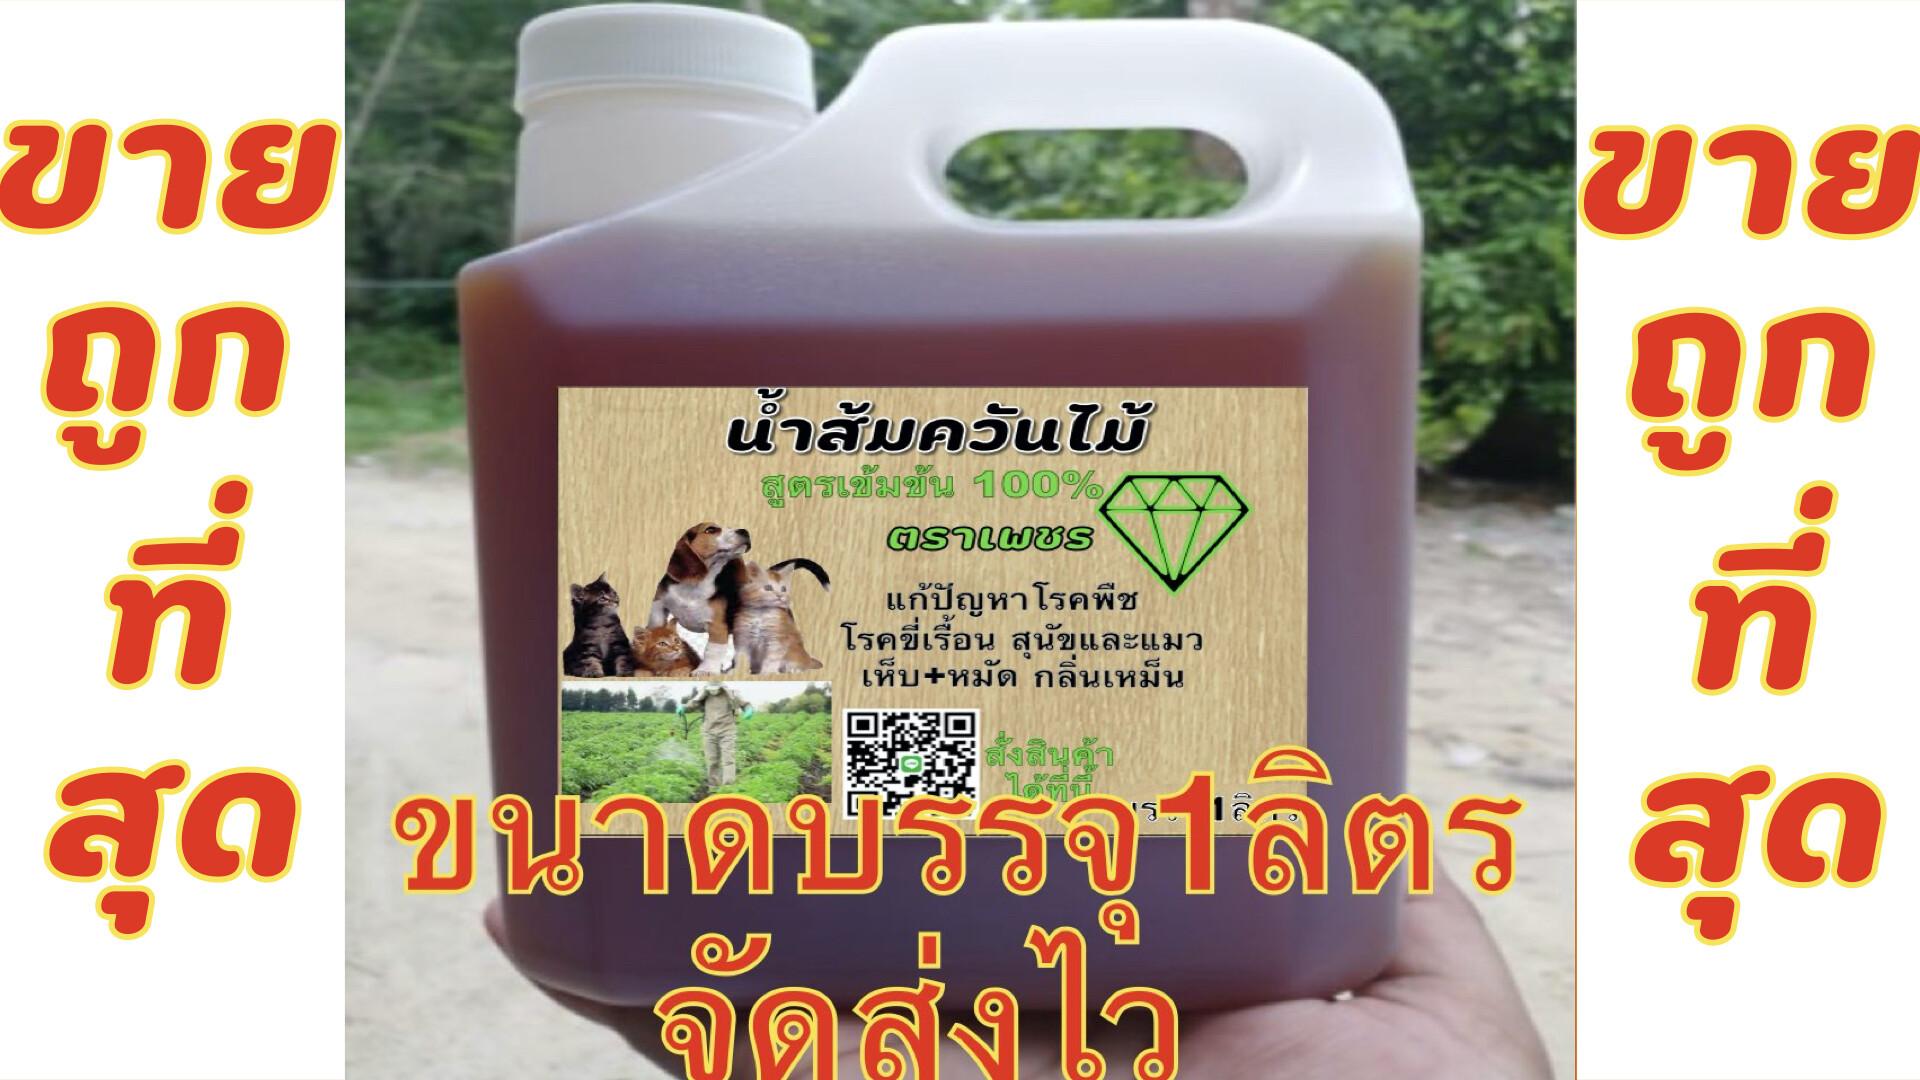 น้ำส้มควันไม้ ขนาด1ลิตร กำจัดศตรูพืช กำจัดเห็บ-หมัดในสุนัข-แมวขายถูกที่สุด ขายดีอันดัน1.